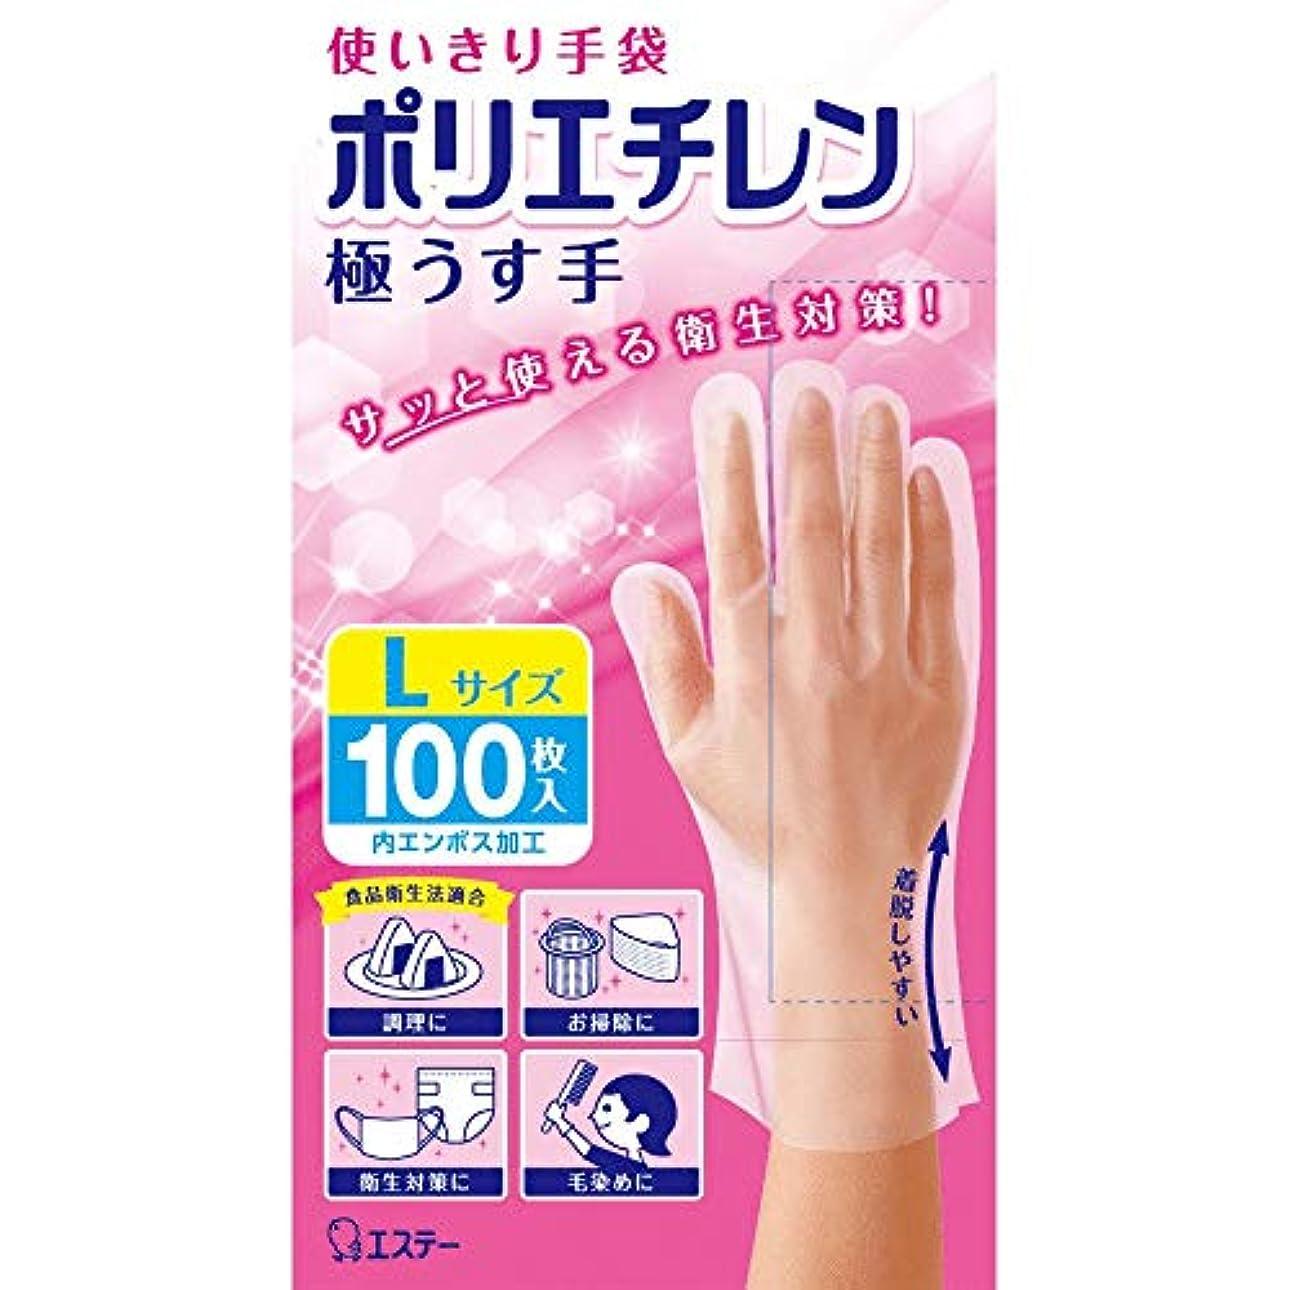 神秘的な振るうユニークな【24個まとめ買い】使いきり手袋 ポリエチレン 極うす手 Lサイズ 半透明 100枚 使い捨て ×24個